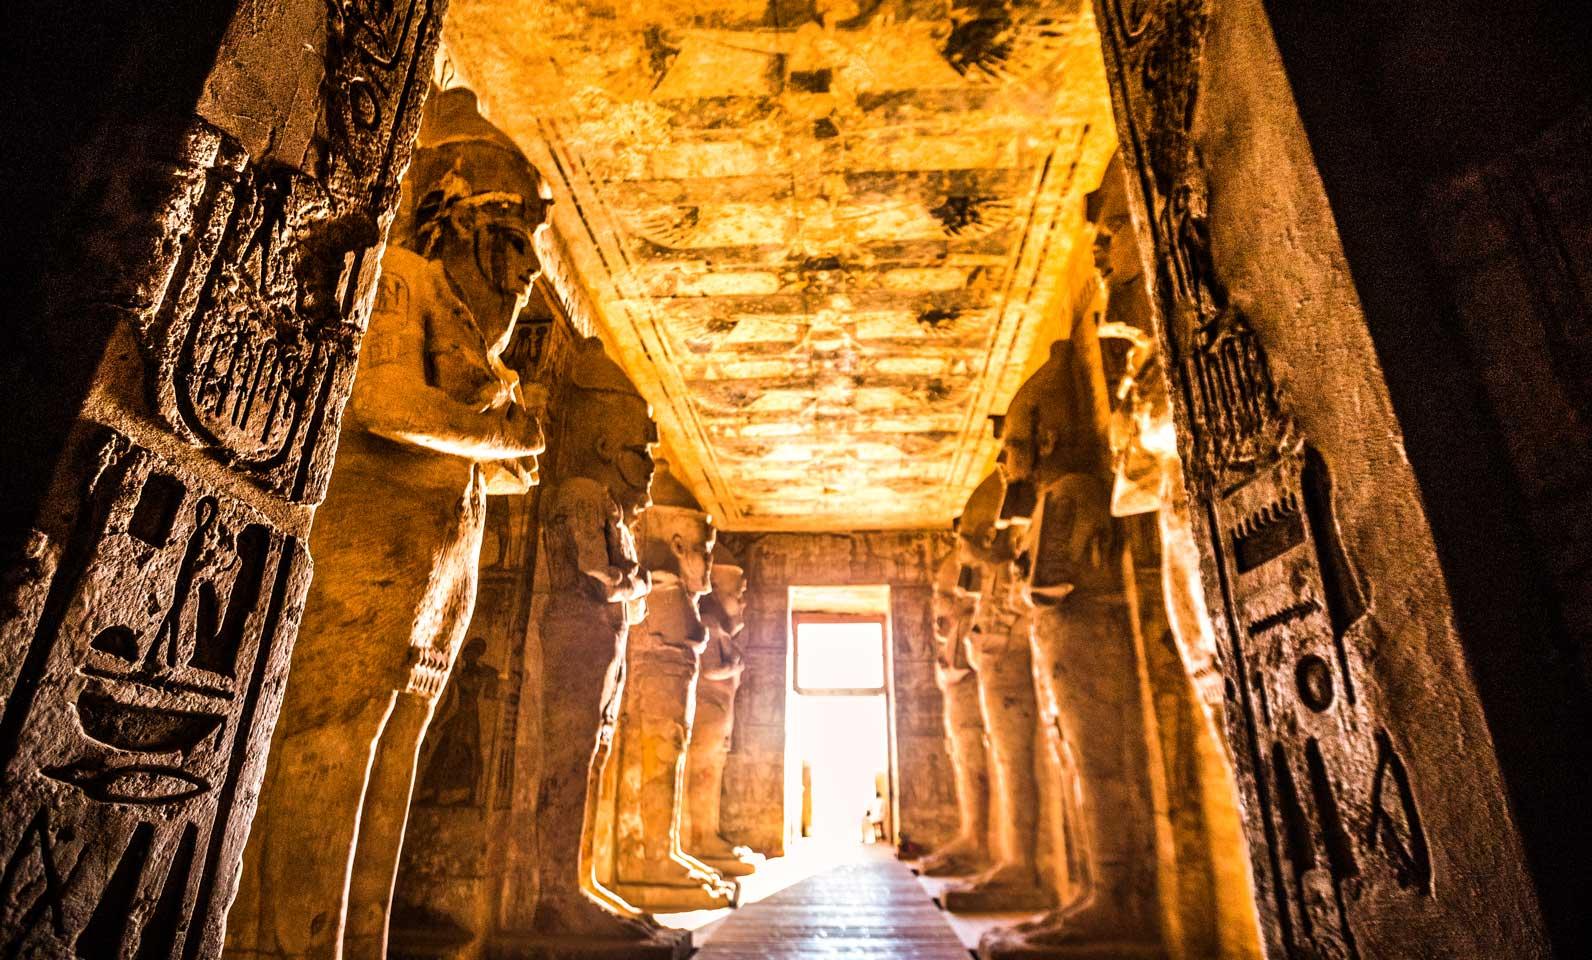 O que faz de Abu Simbel especial?